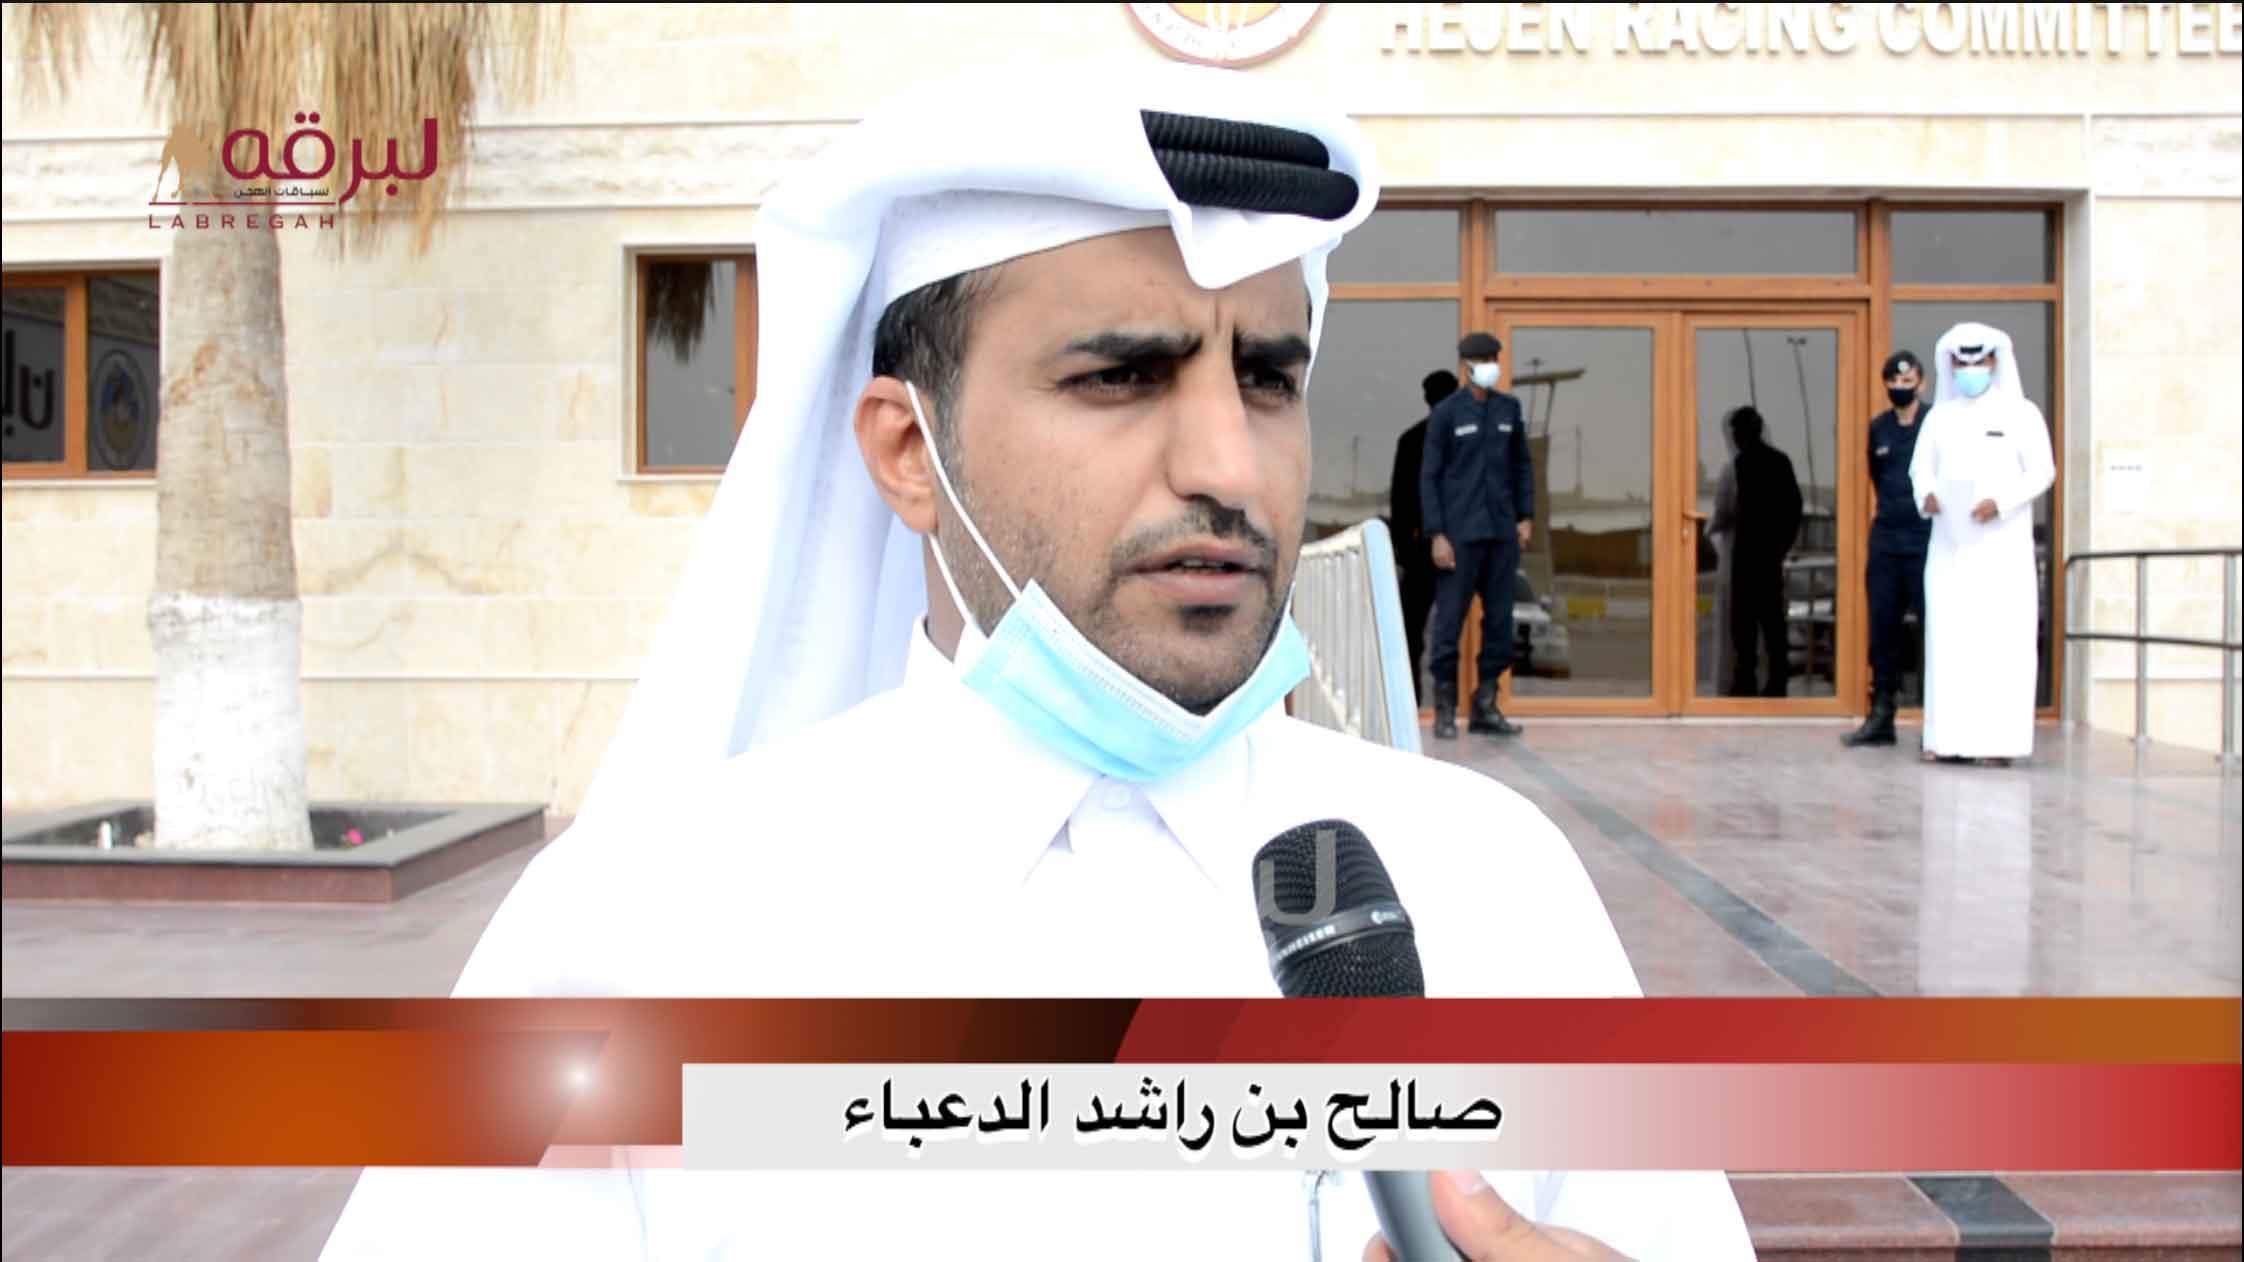 لقاء مع صالح بن راشد الدعباء.. الشلفة الفضية للقايا بكار « مفتوح » الأشواط العامة ١-١٢-٢٠٢٠